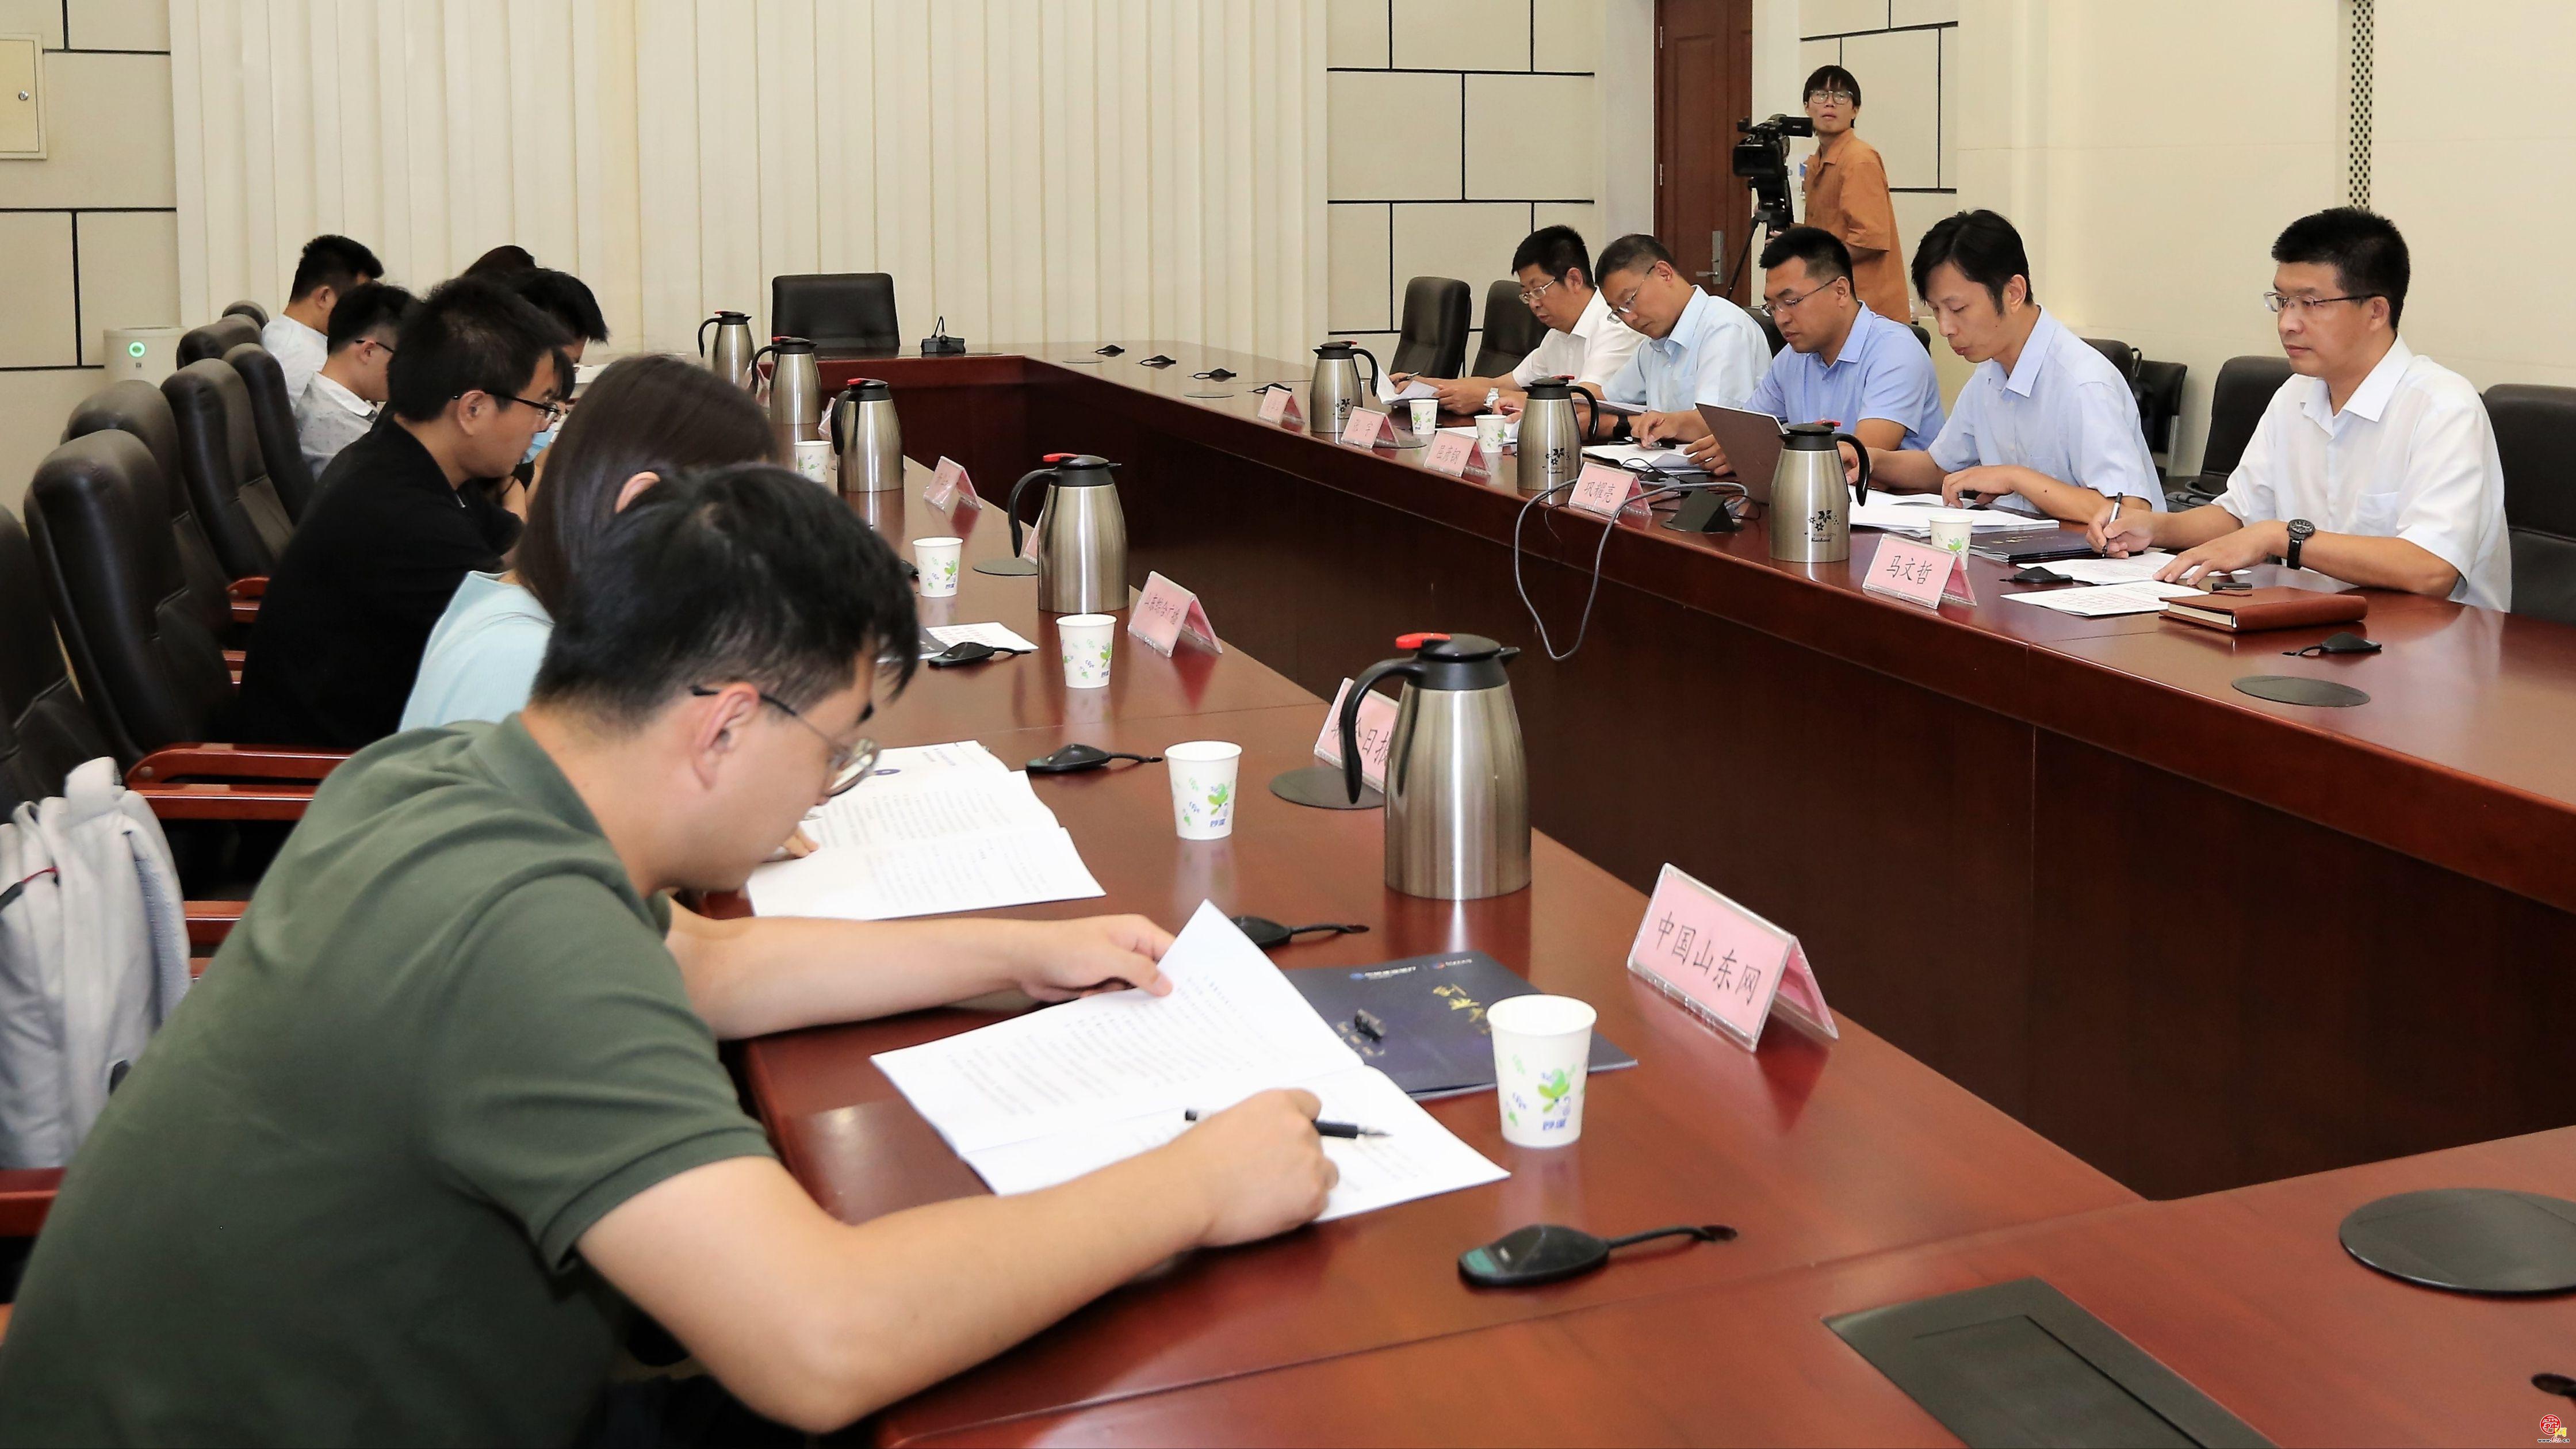 喊话中小微,WANT YOU!第十届中国创新创业大赛山东赛区将开赛